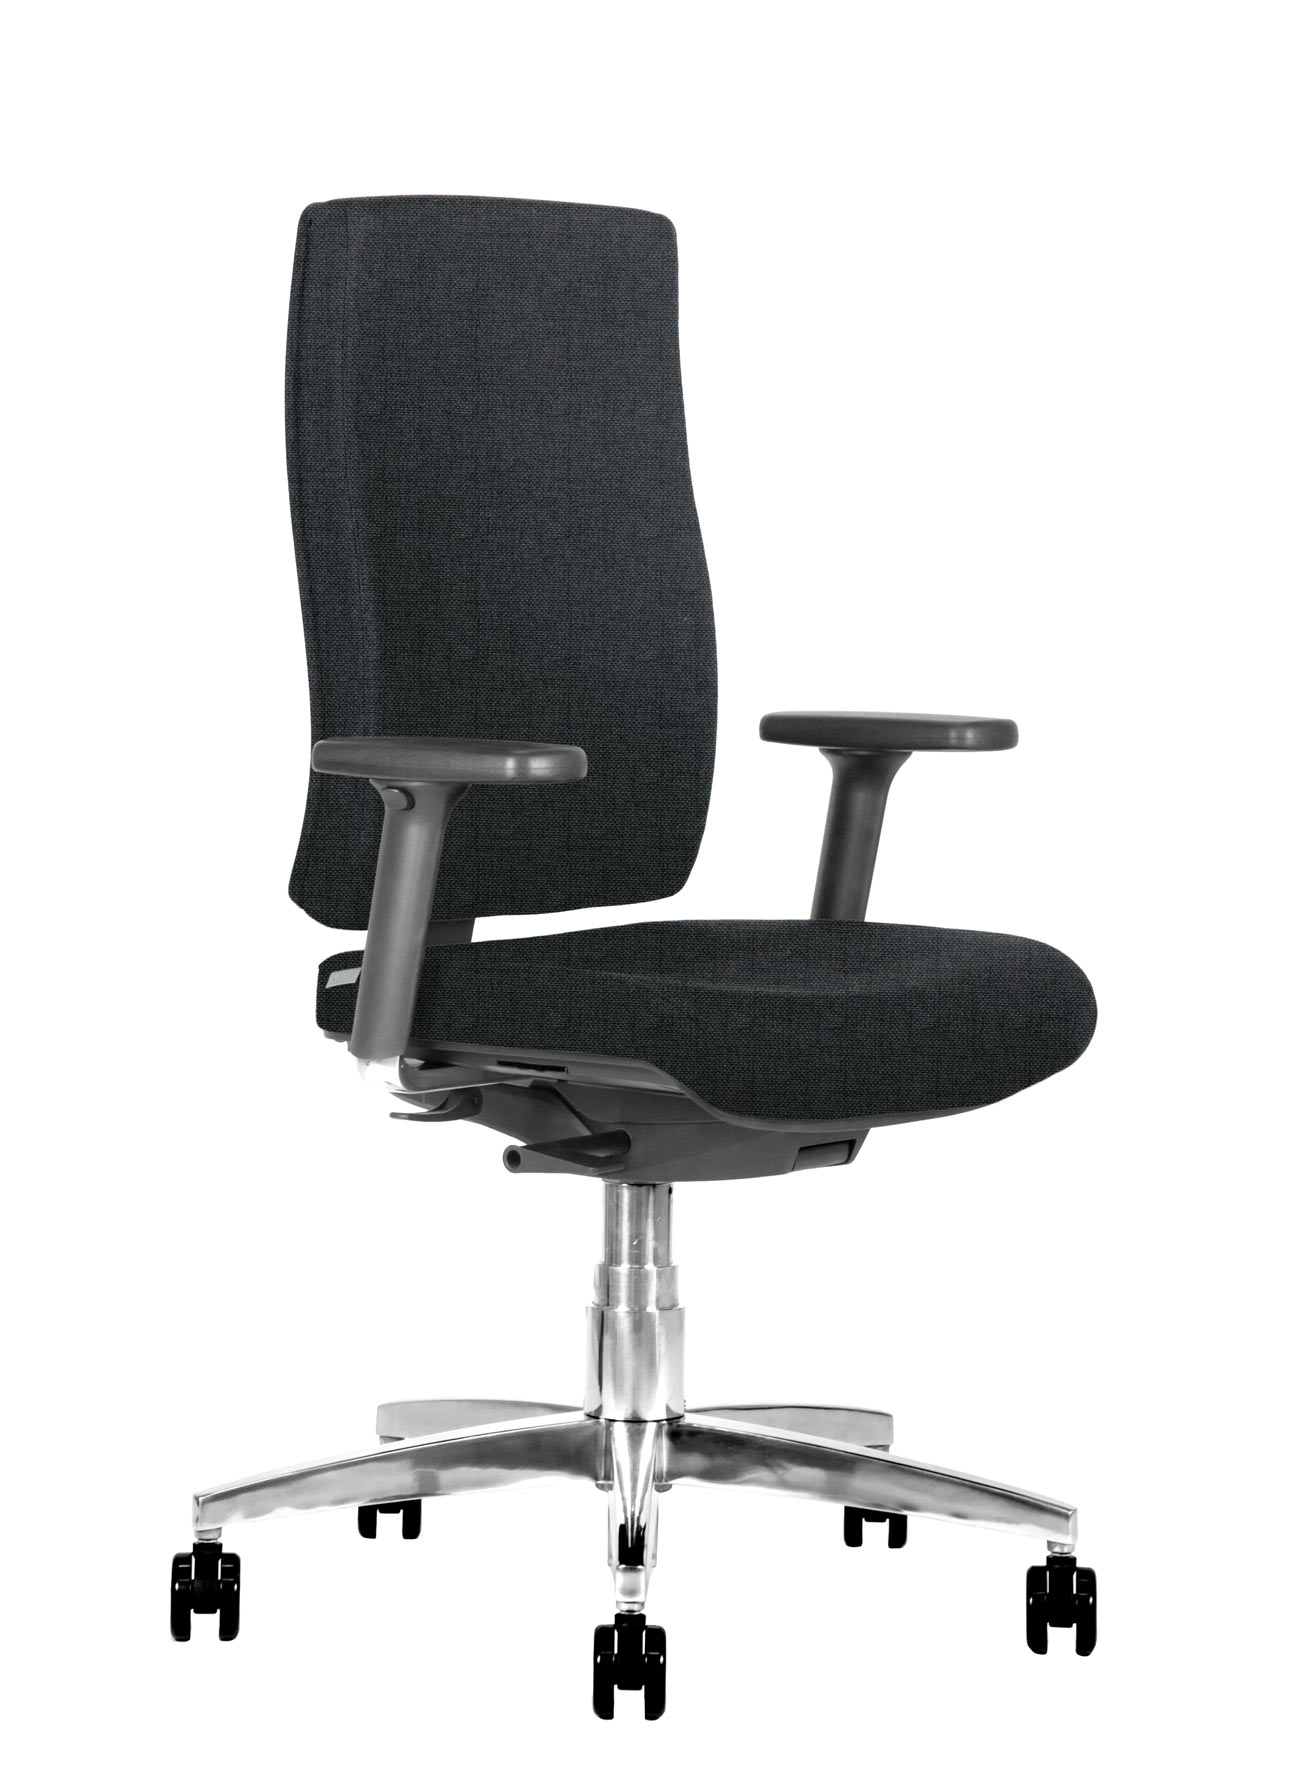 BB107 Sedia ufficio ergonomica 3q nero